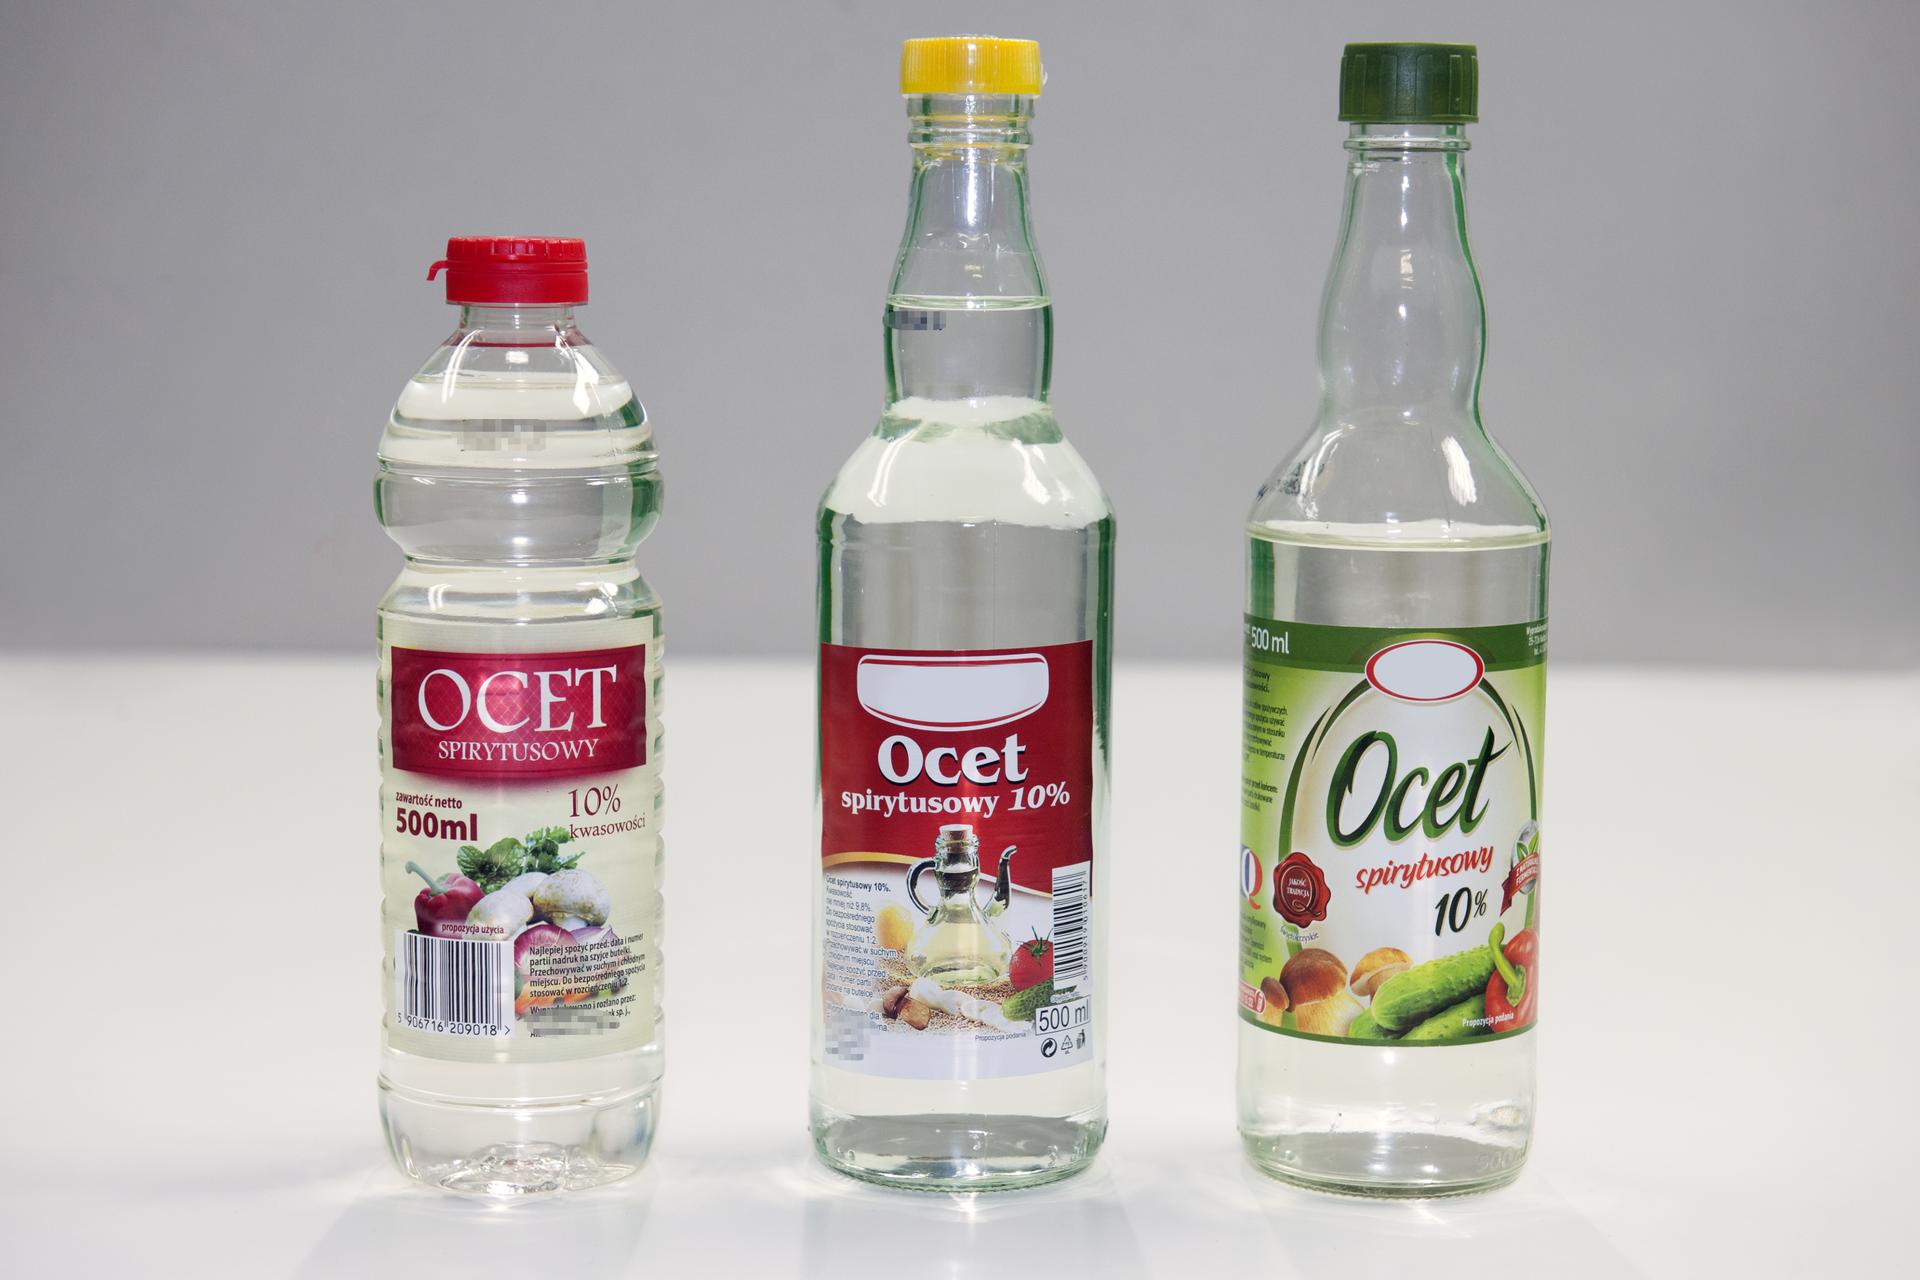 Zdjęcie przedstawia trzy stojące obok siebie na płaskim, białym podłożu butelki zoctem różnych producentów. Widoczne są nalepki, które wskazują, że wkażdym przypadku ocet ma jednakowe stężenie. Wynosi ono dziesięć procent.